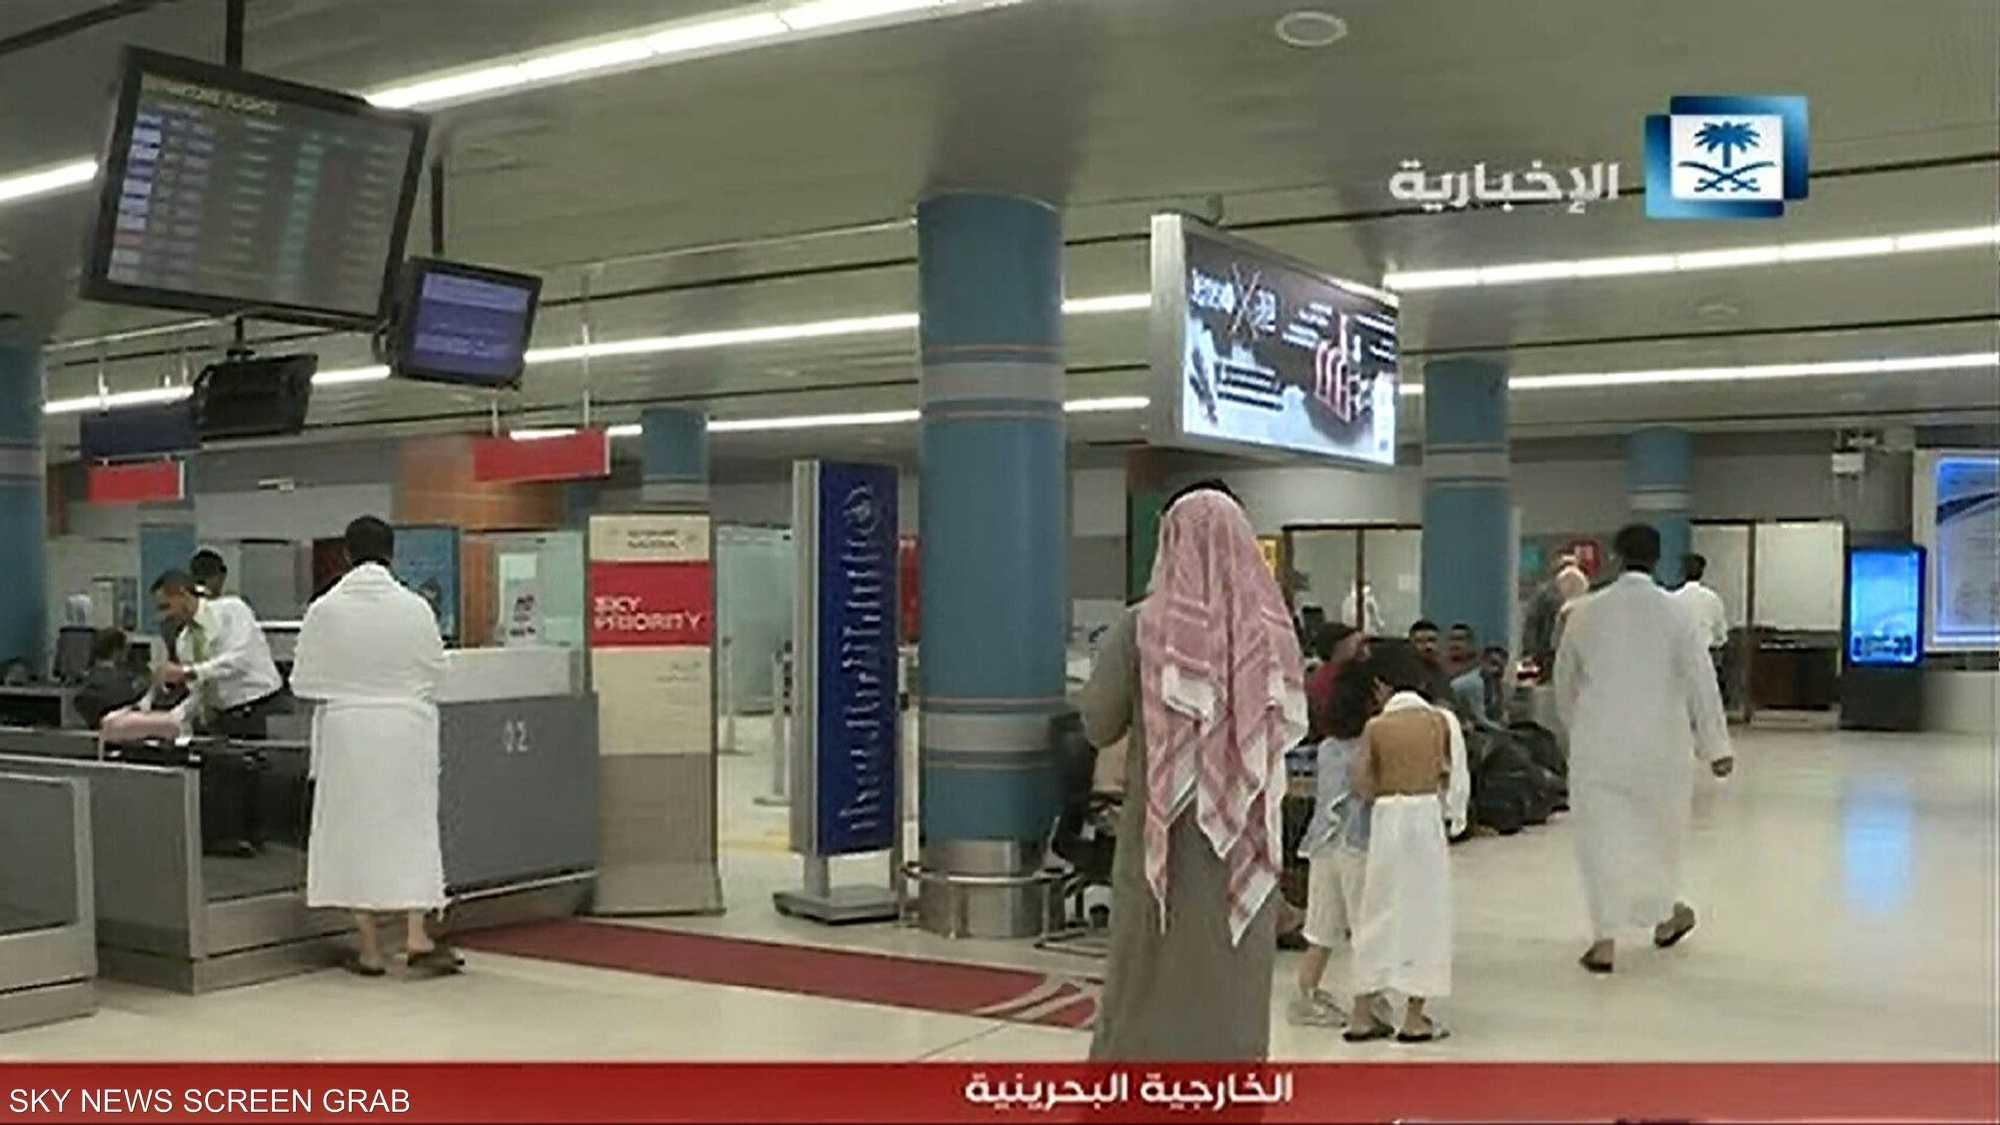 عمل إرهابي يستهدف مطار أبها وإصابة عدد من المدنيين